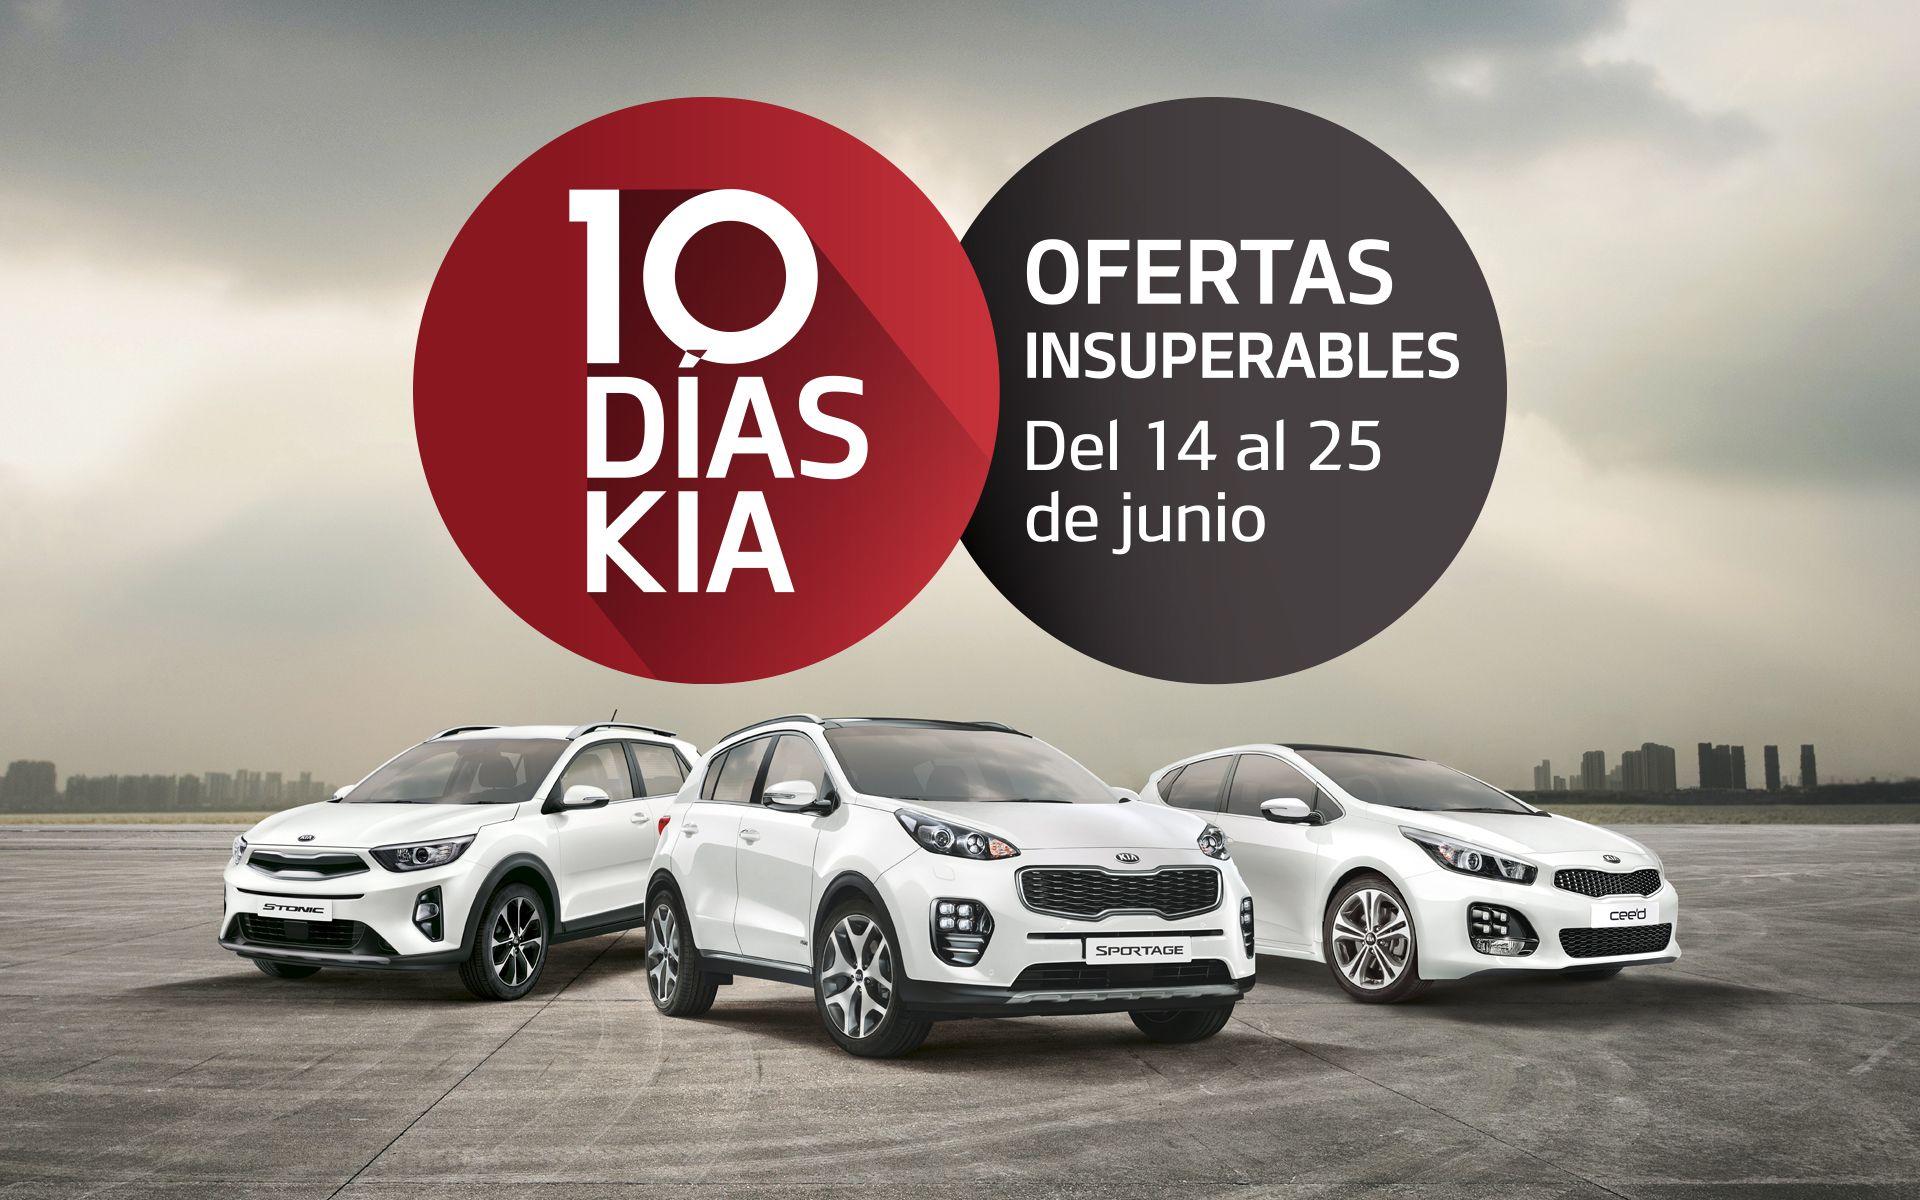 ¡VUELVEN LOS 10 DÍAS KIA A INTEGRAL CAR DEL 14 AL 25 DE JUNIO!